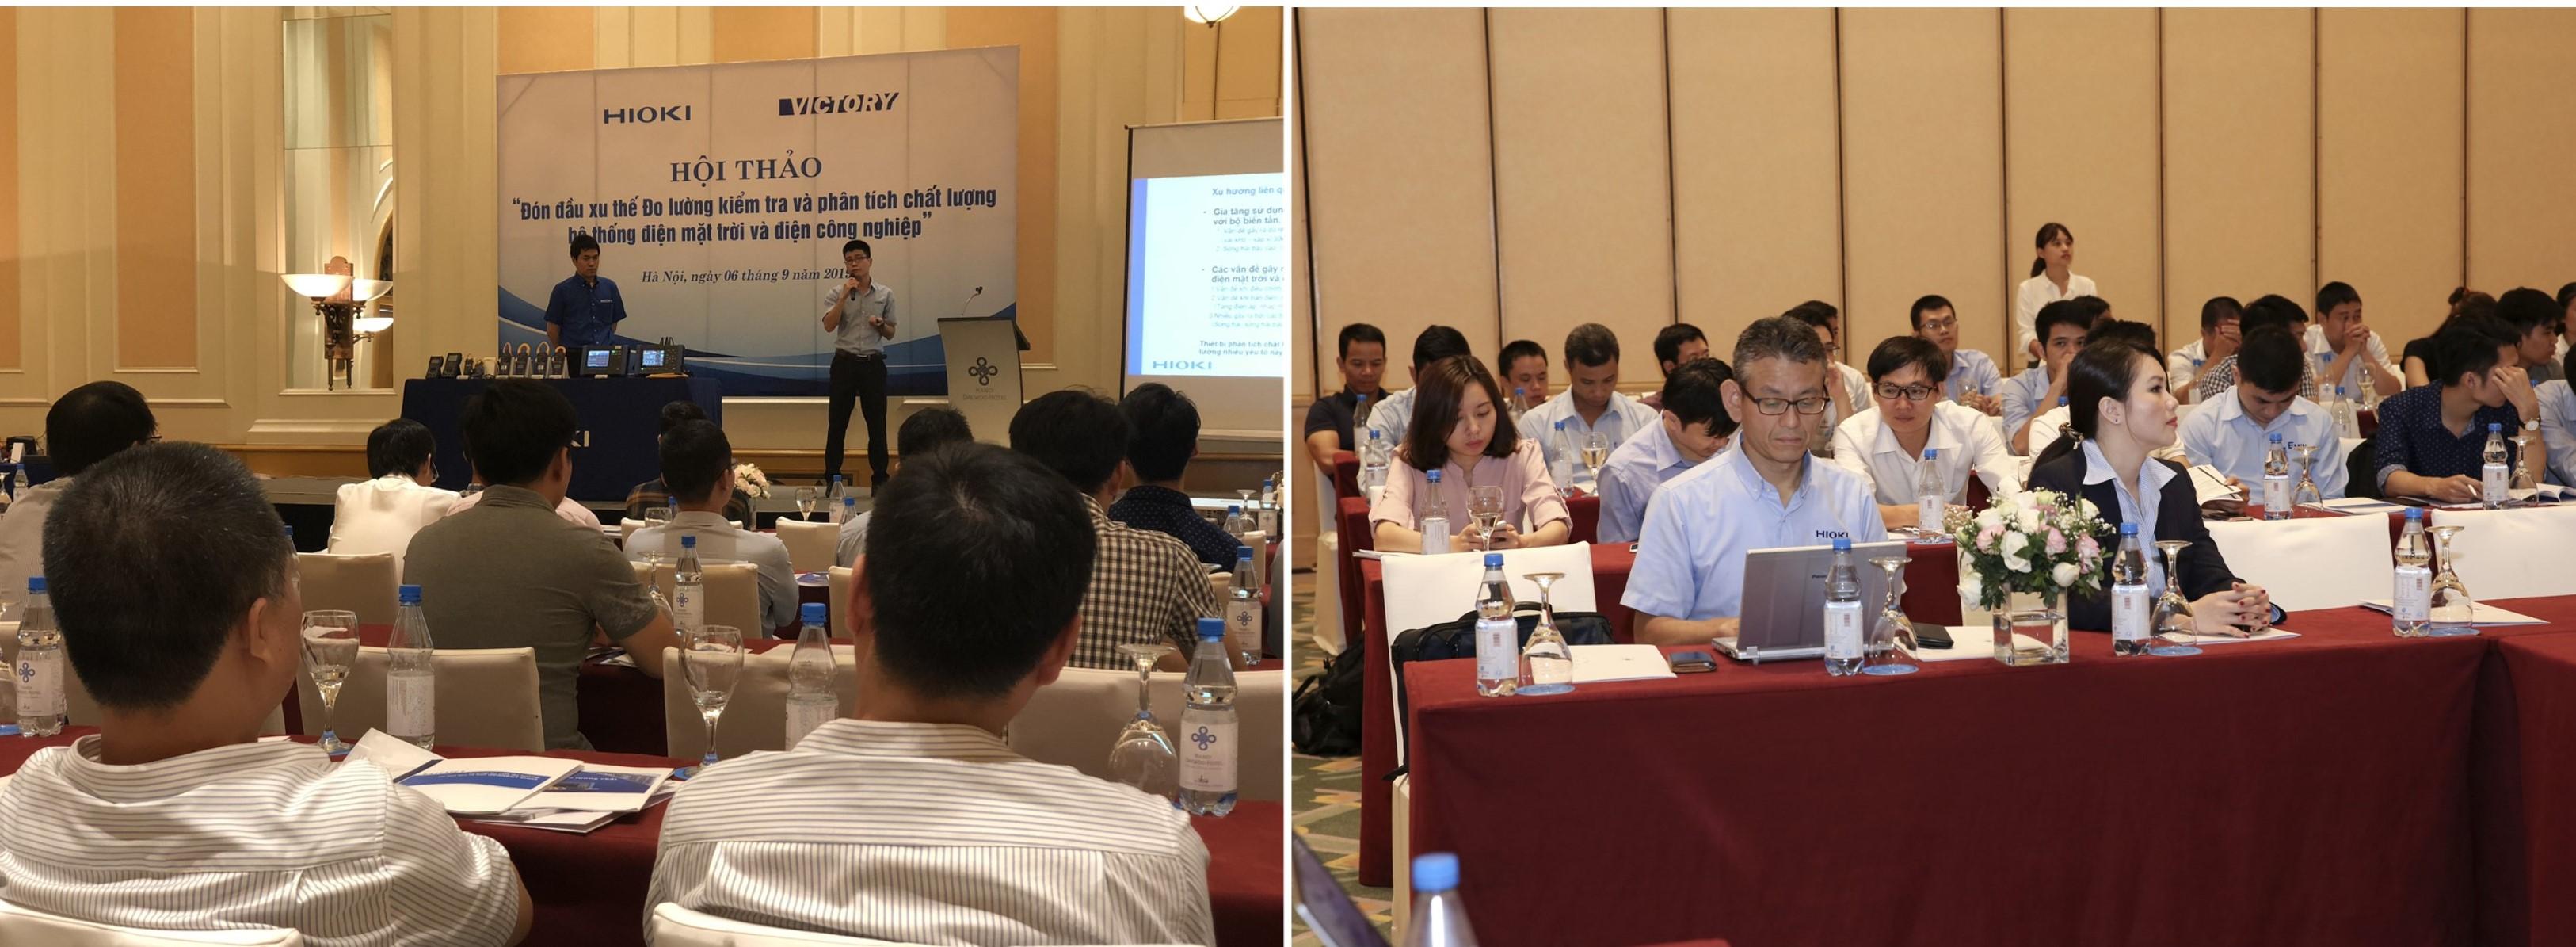 hội thảo kiểm tra chất lượng điện mặt trời Hioki